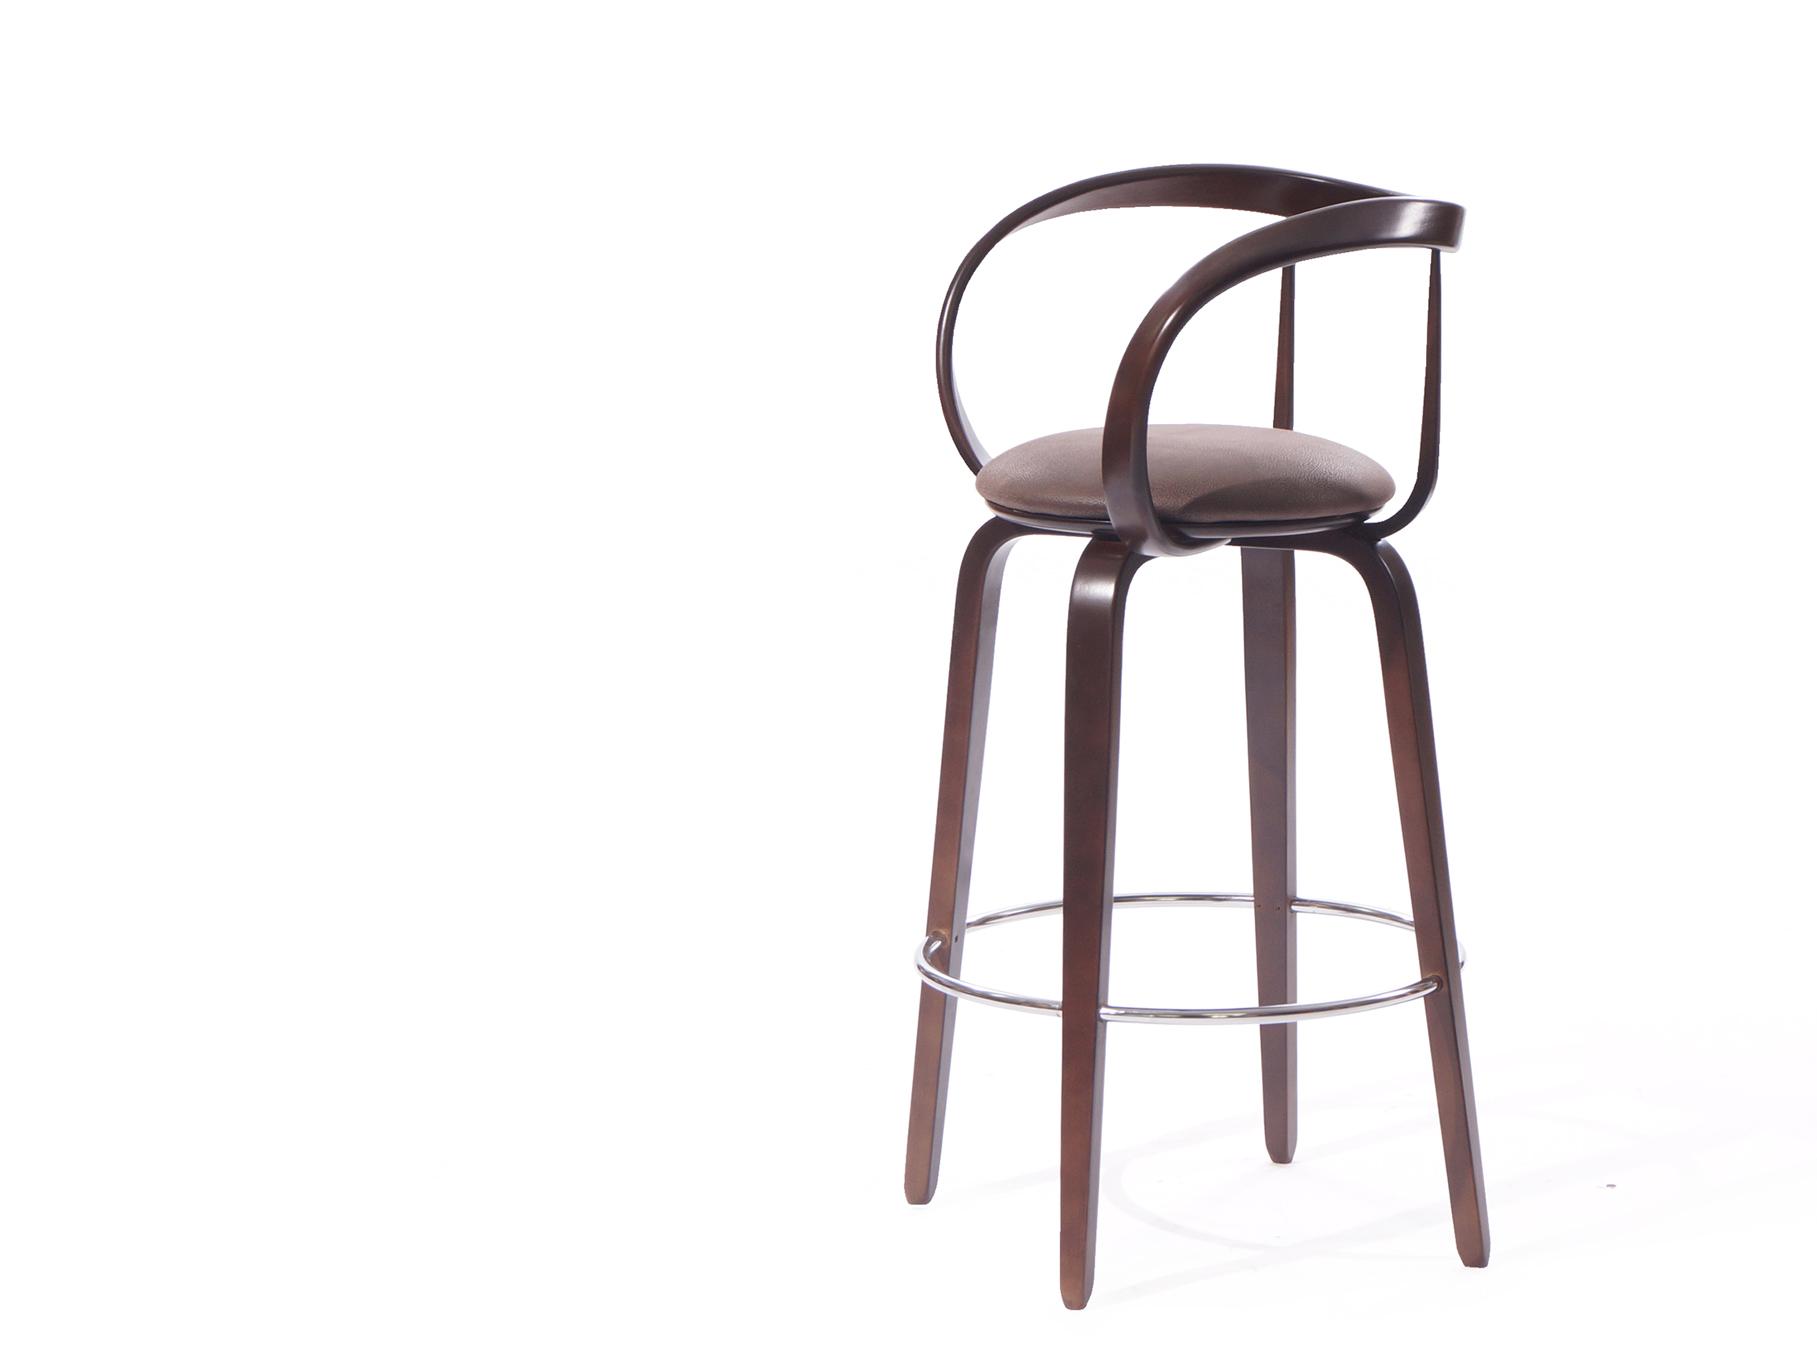 деревянный барный стул купить